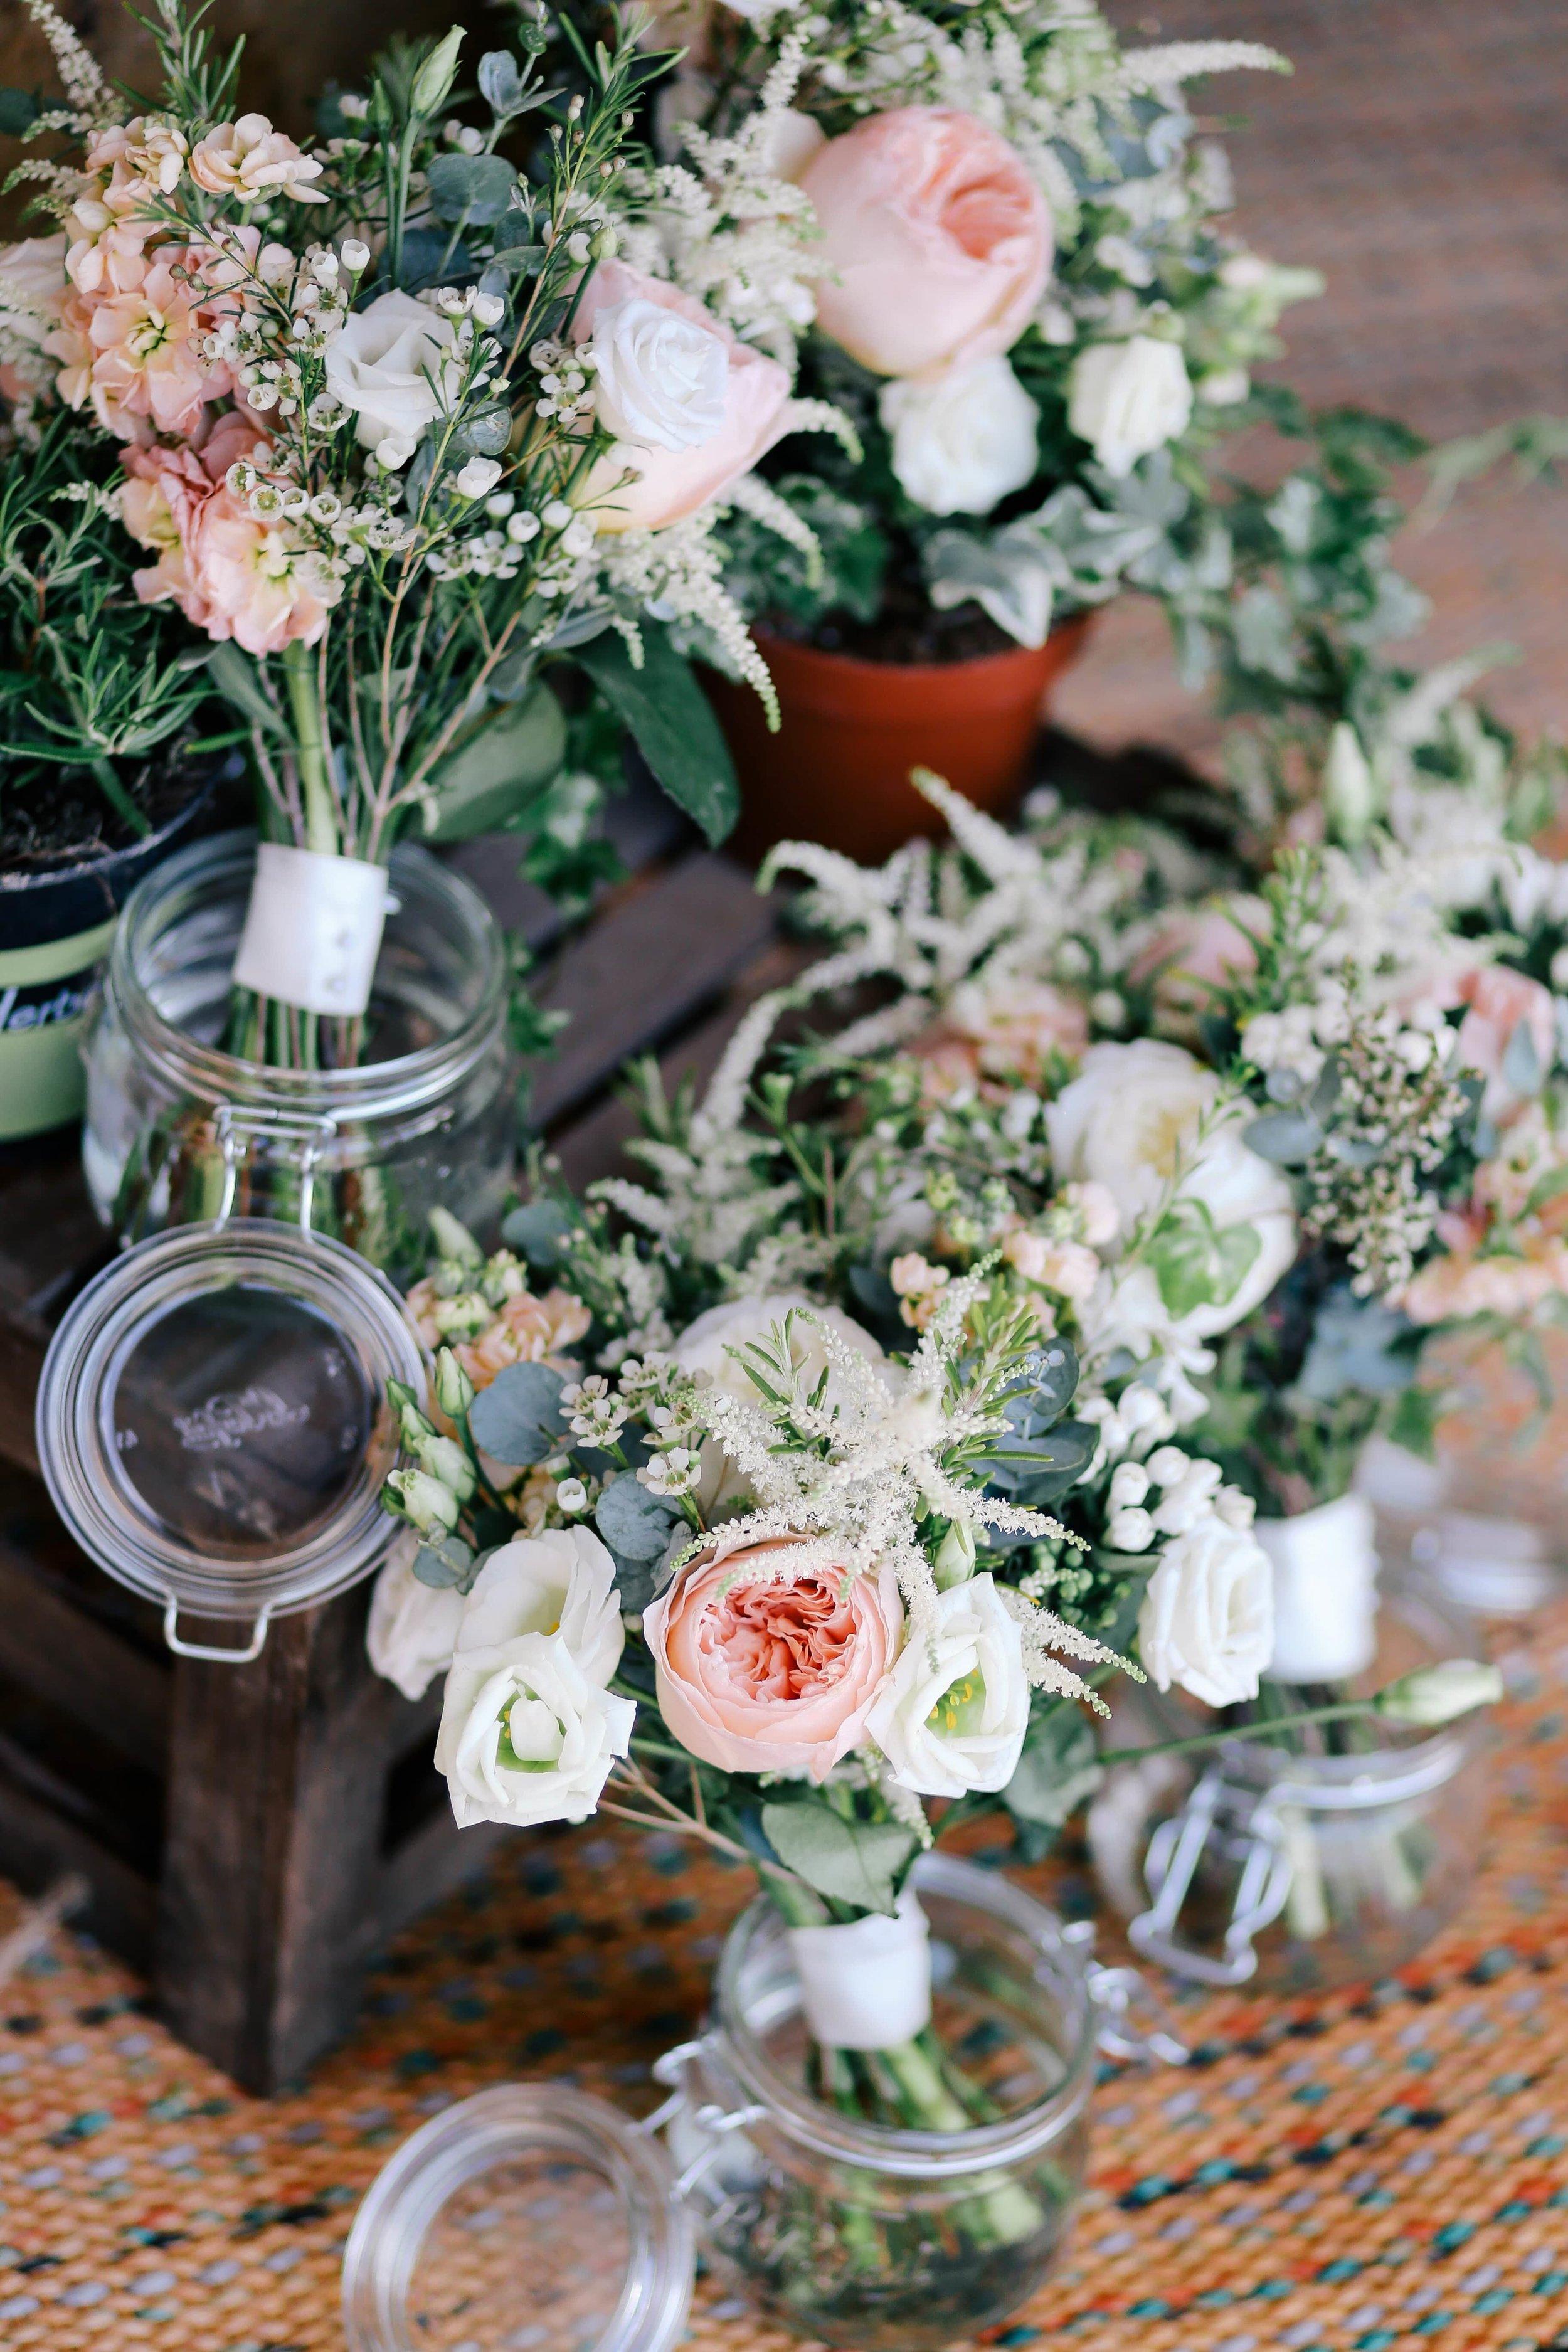 wedding-flowers-hotel-packages-min.jpg